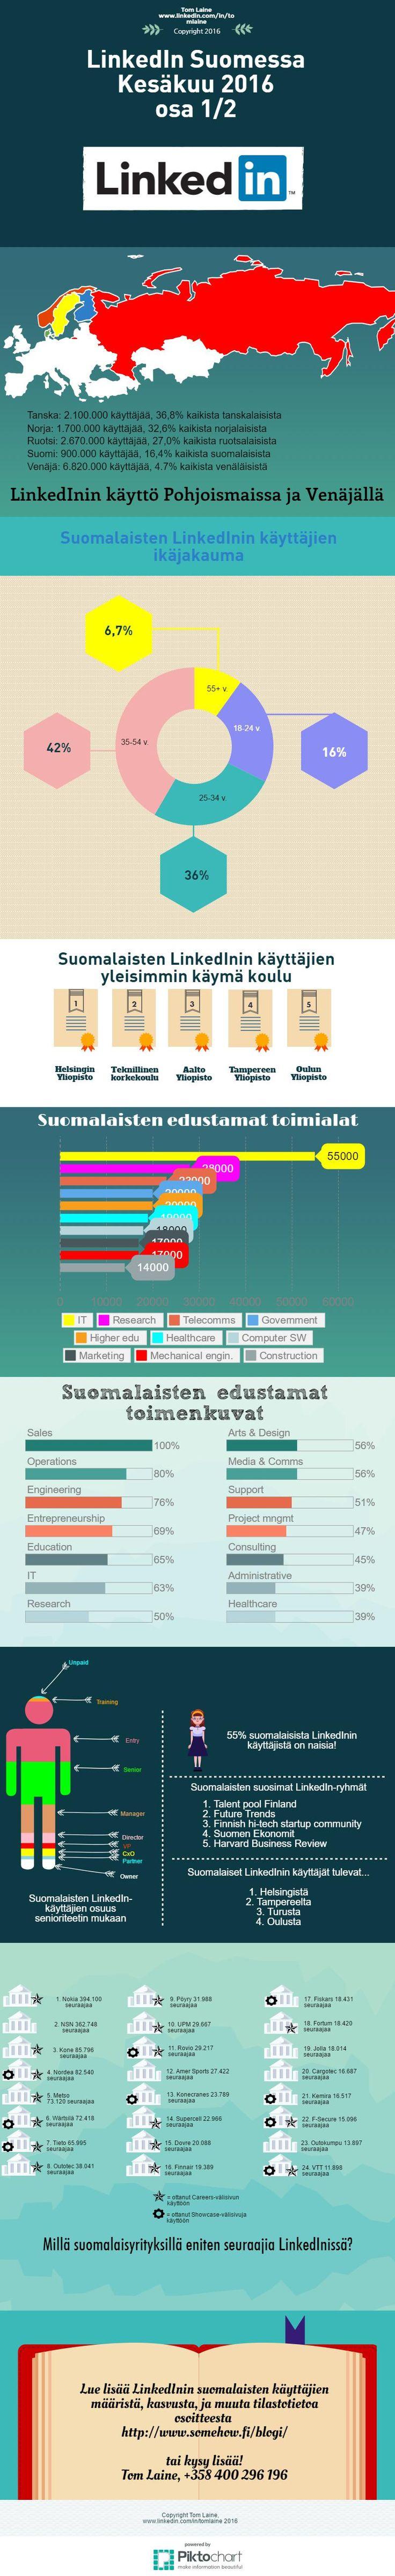 LinkedIn-käyttäjät Suomessa, kesäkuu 2016